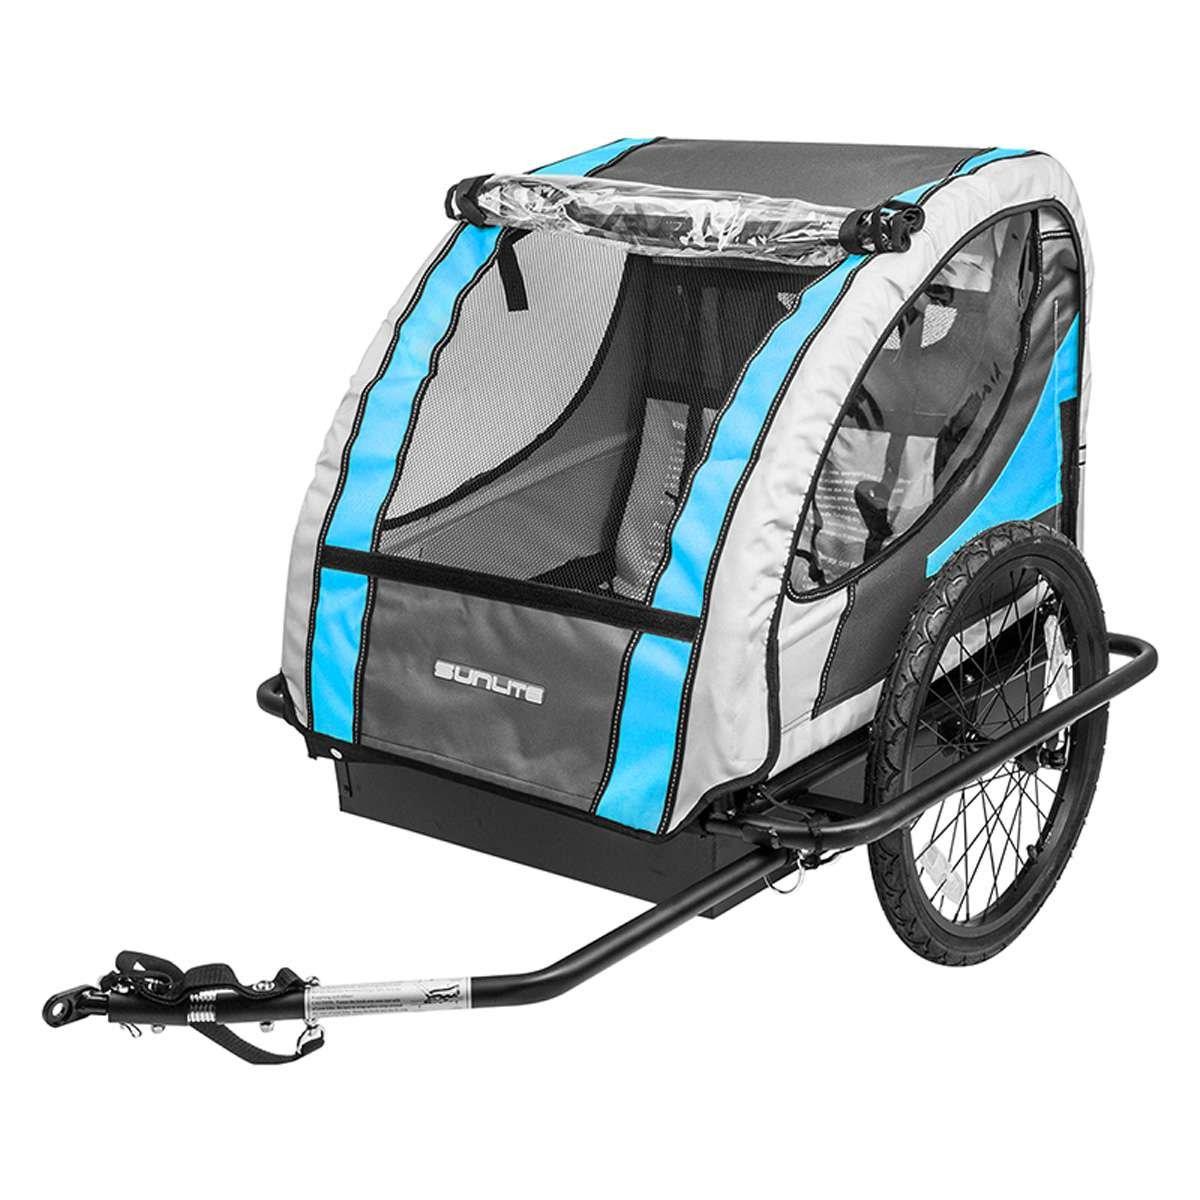 SunliteハードシェルデラックスTrailer Tot自転車トレーラー – ブルー/グレー – T - 4   B07D6FVT2S